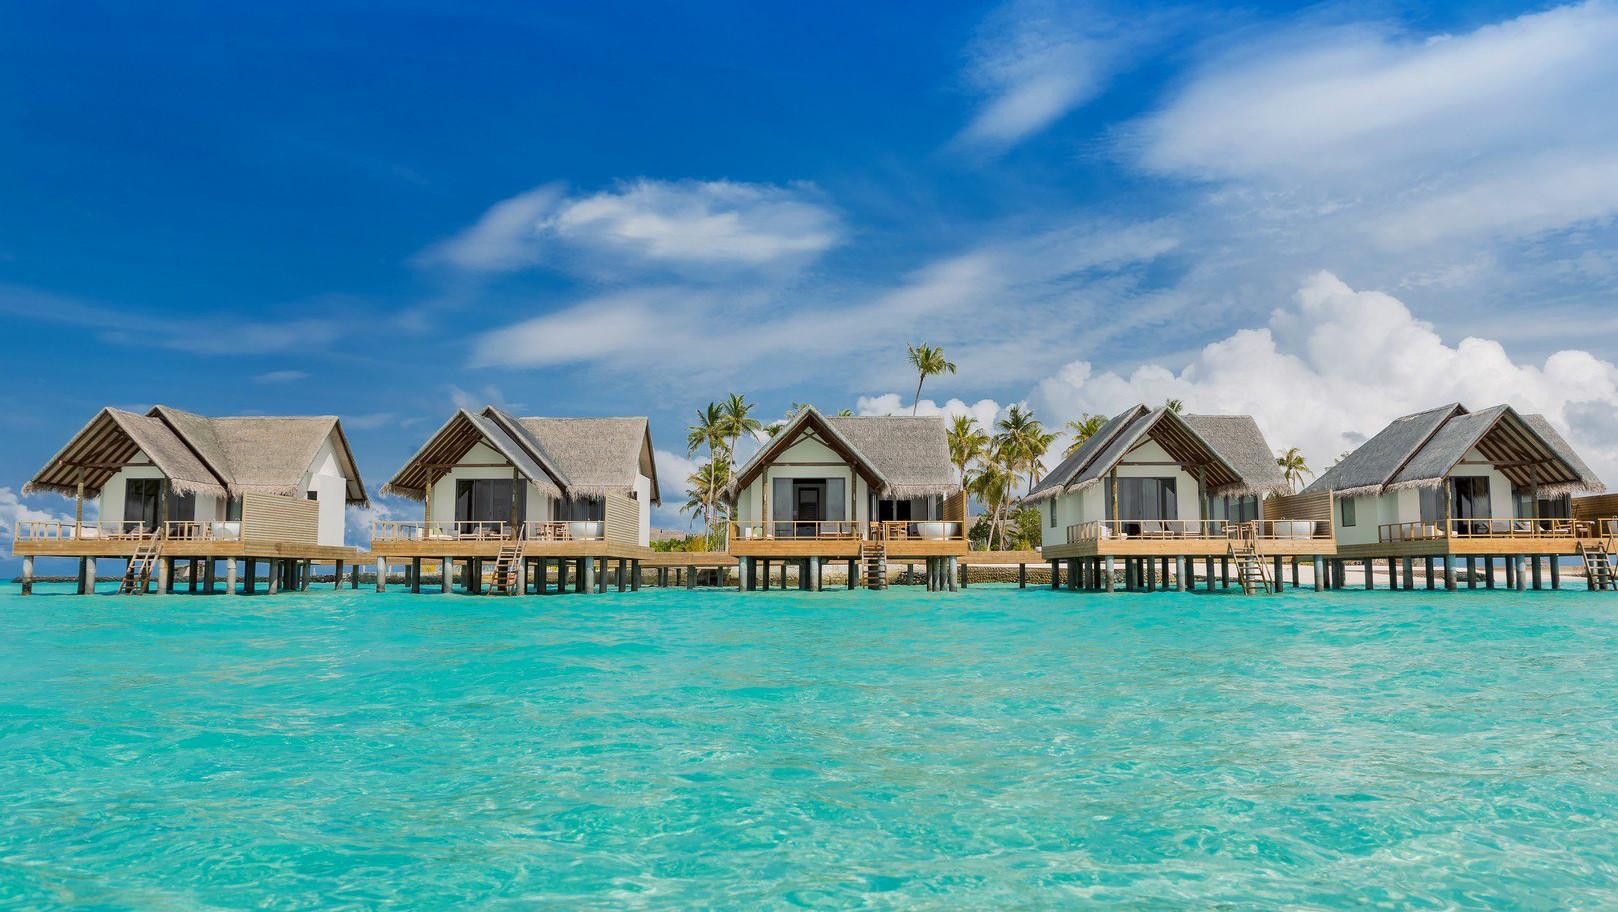 news-main-fushifaru-maldives-reopens-with-new-villas-facilities.1605262925.jpg